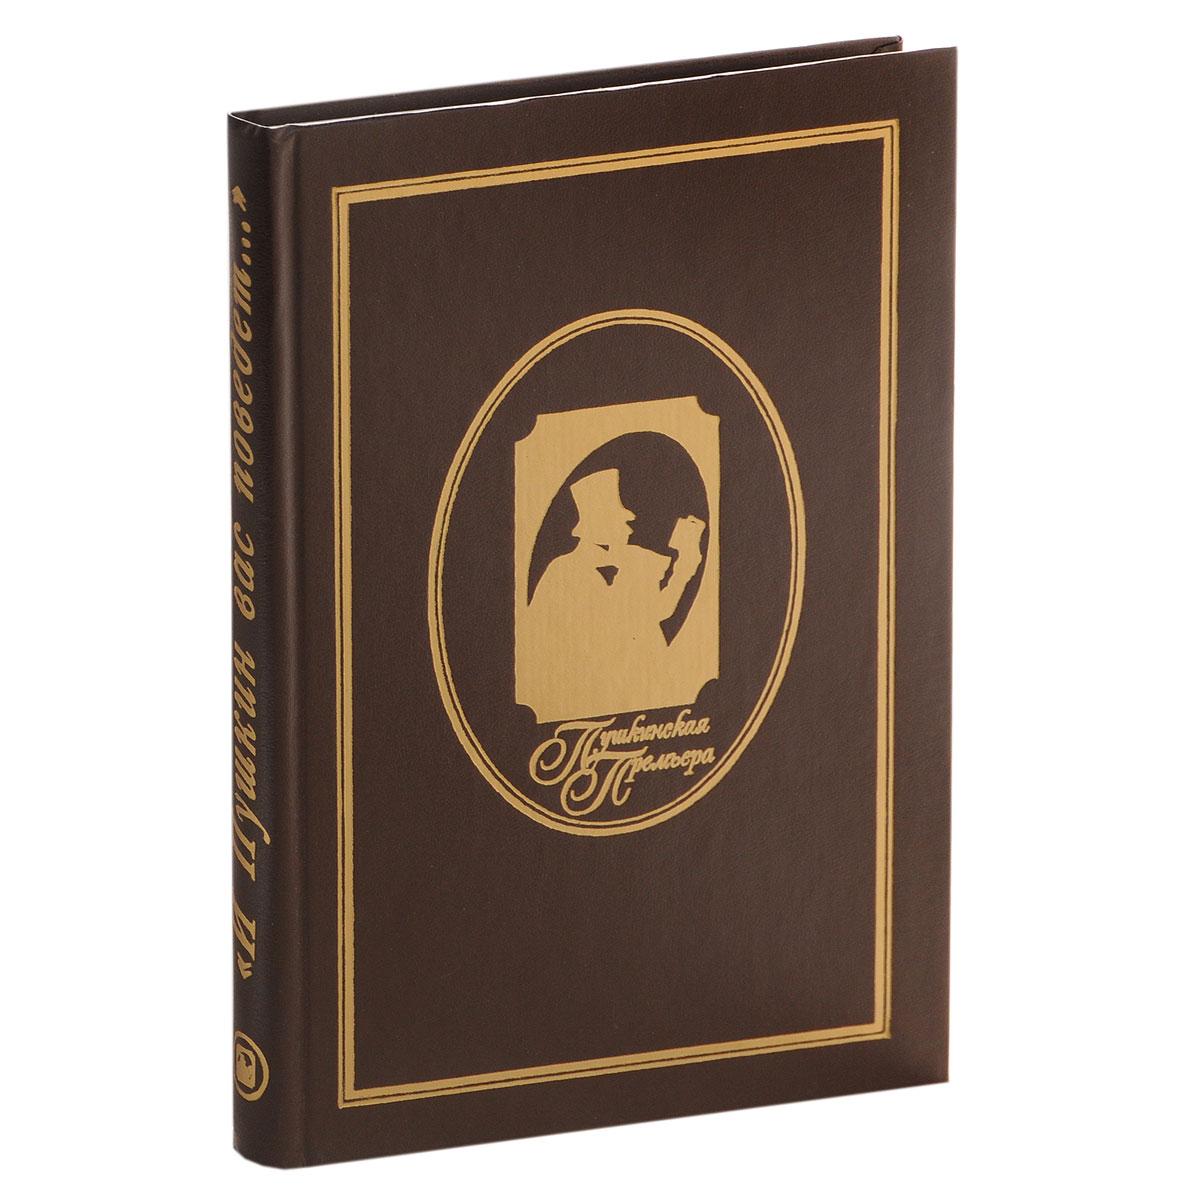 """Книга """"И Пушкин вас поведет..."""" Репетиции спектакля """"Борис Годунов"""" во МХАТе им А. П. Чехова. Незавершенная постановка 1989 года"""